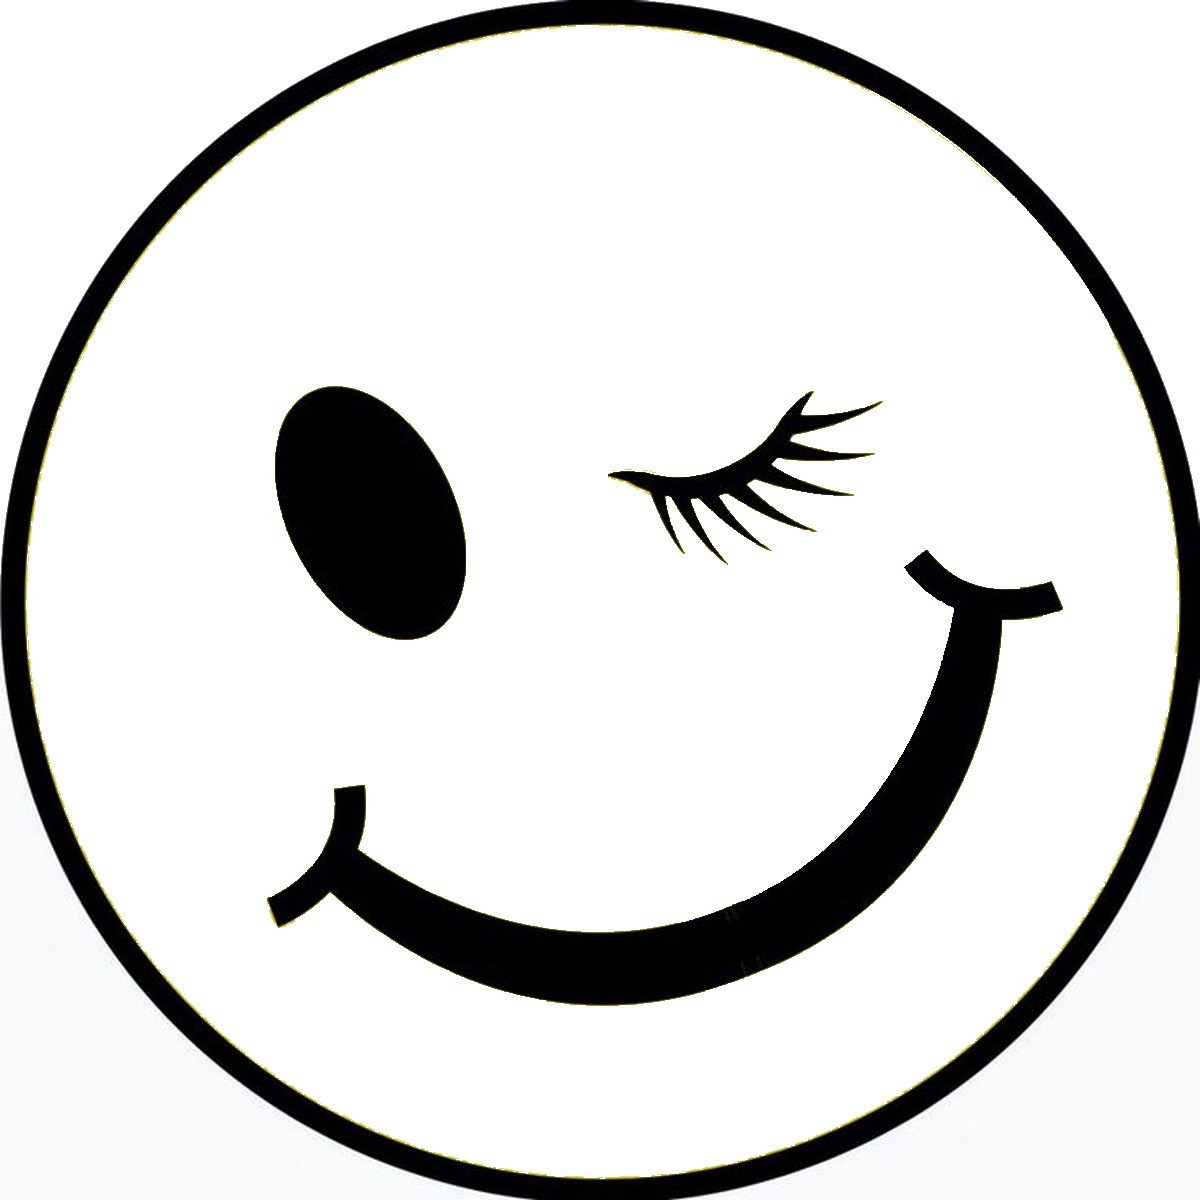 Einhorn Emoji Zum Ausmalen Genial 35 Frisch Ausmalbilder Emojis Mickeycarrollmunchkin Bilder